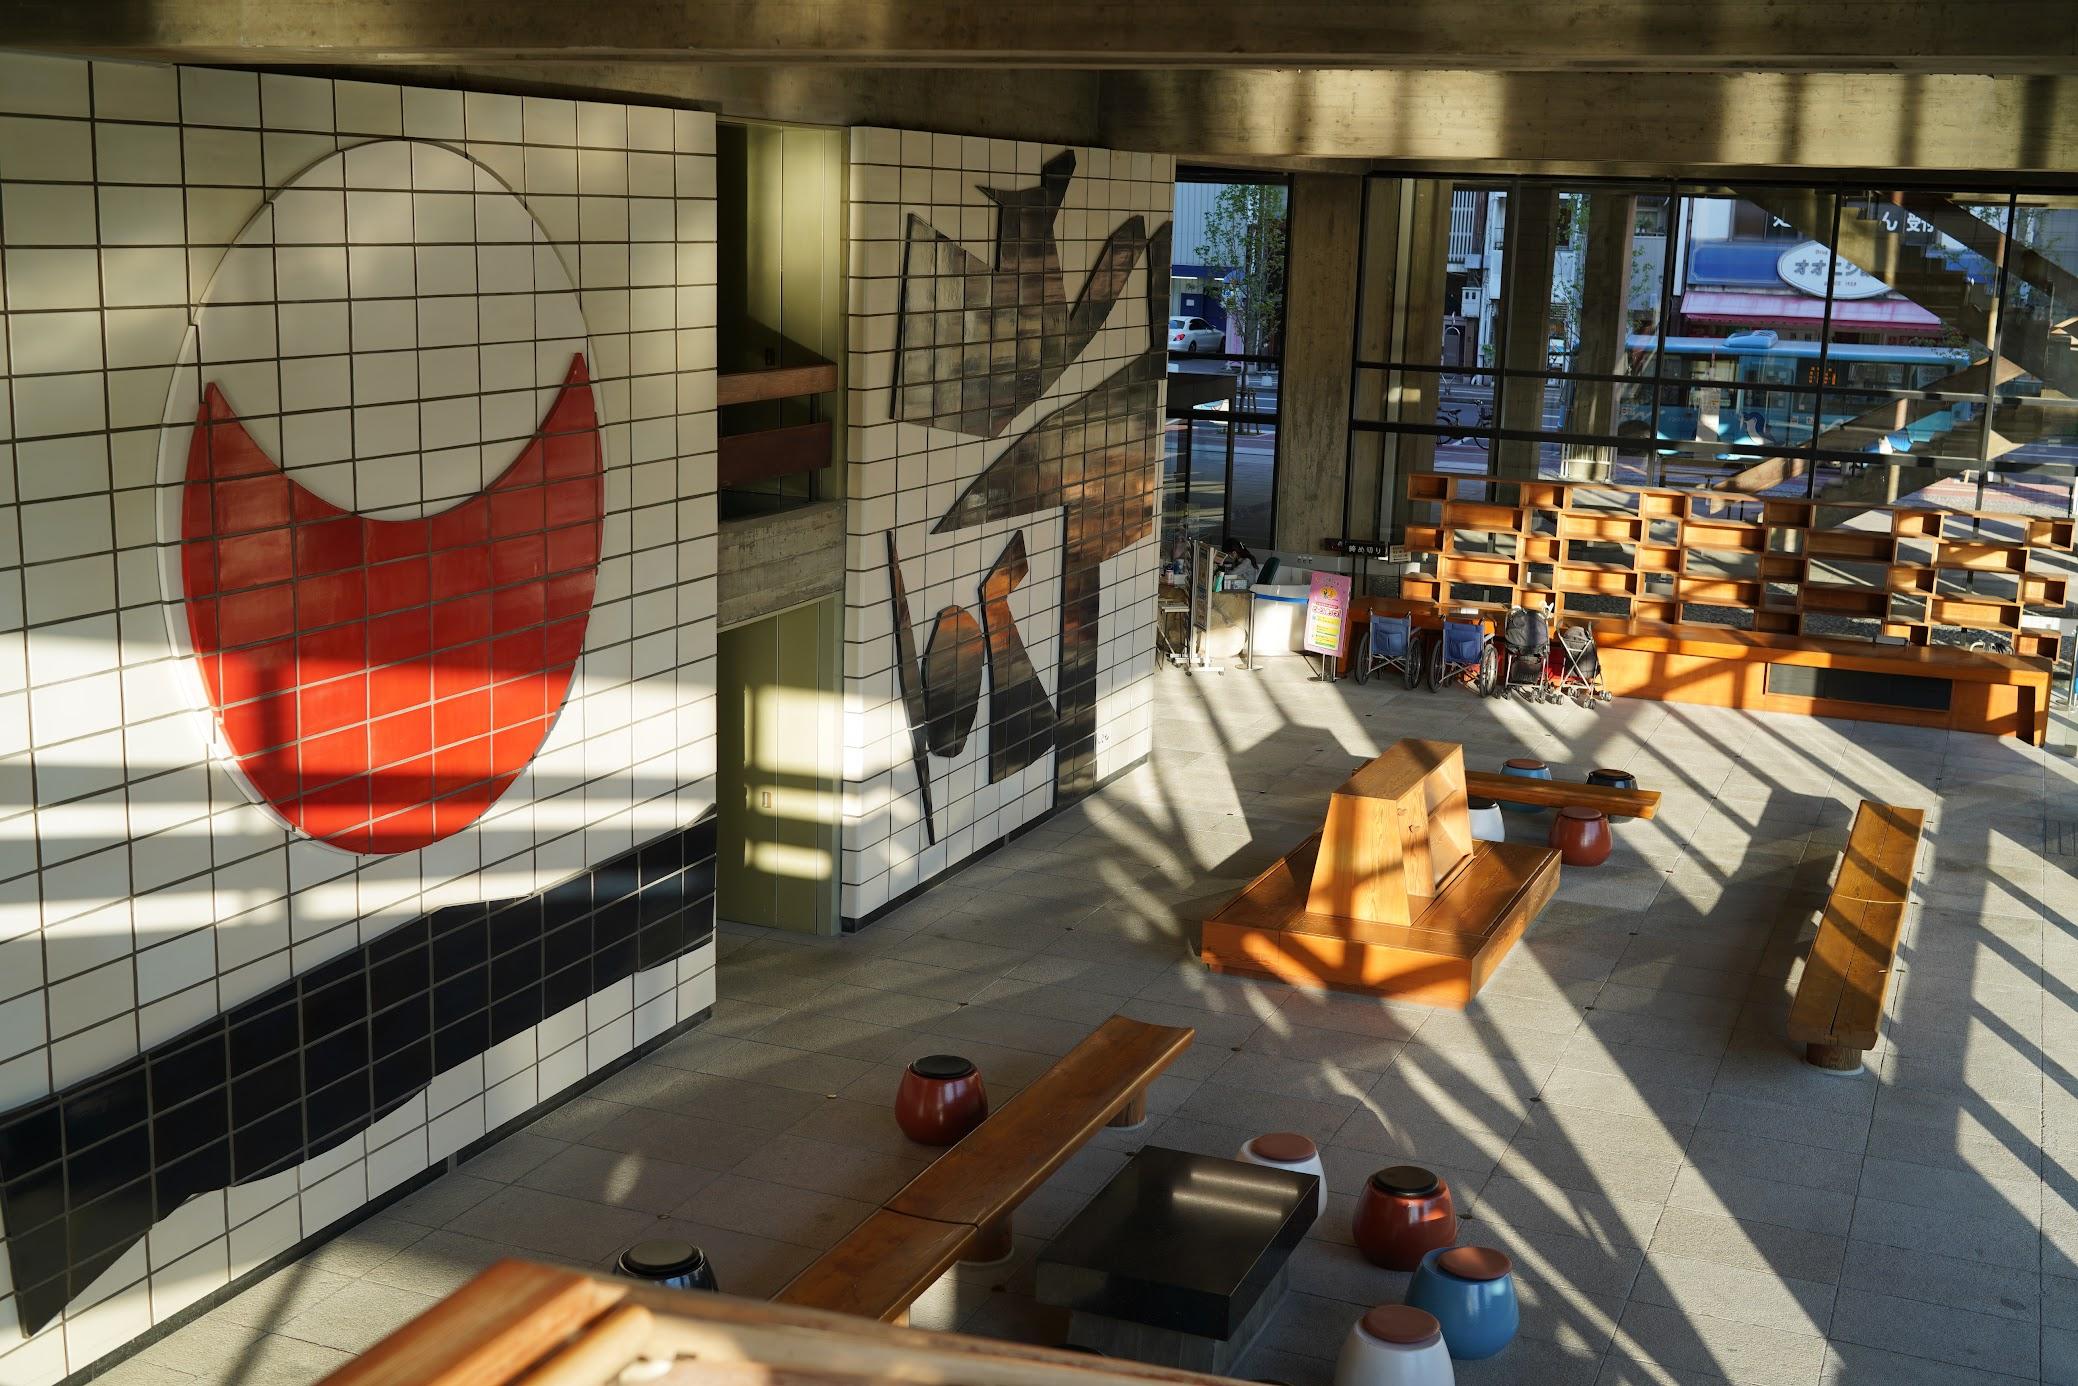 陶板壁画は、香川県出身の洋画家 猪熊弦一郎さんの『和敬清寂』。茶道の精神に戦後民主主義の理念を読み取り、太陽と月で表現したもの。